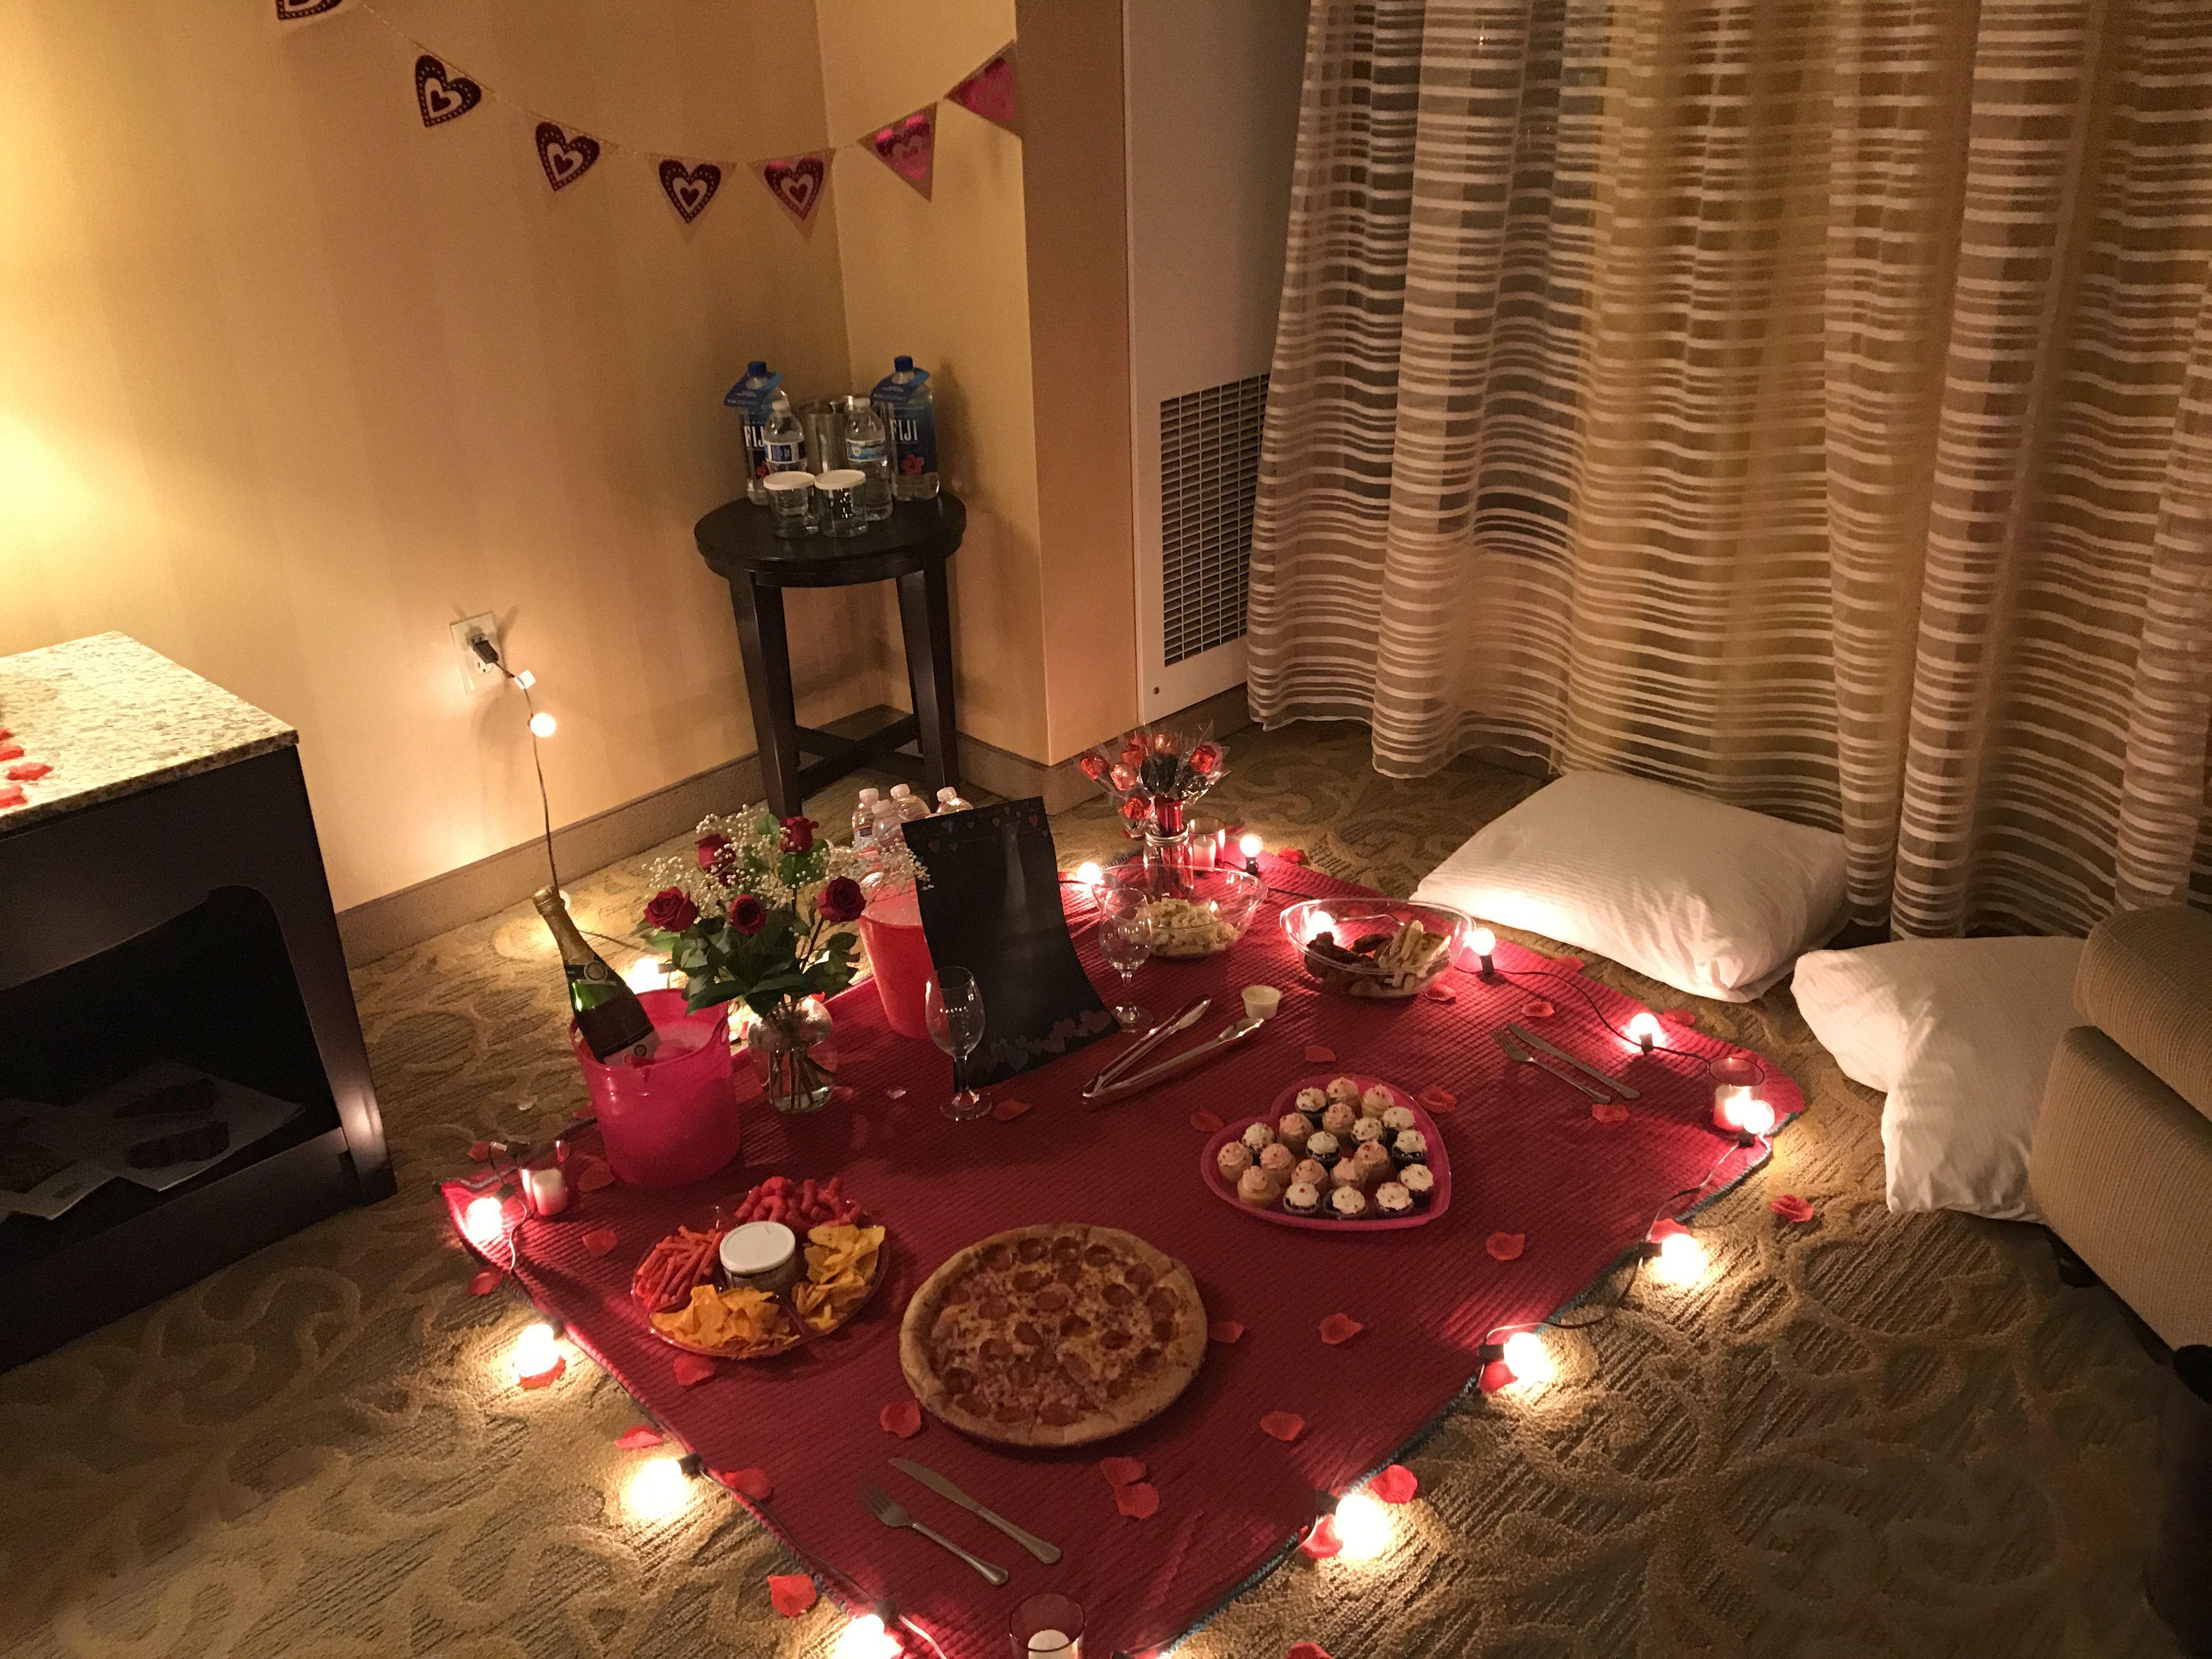 Valentine's Day picnic idea for boyfriend | Beautiful ... Surprise Romantic Night At Home